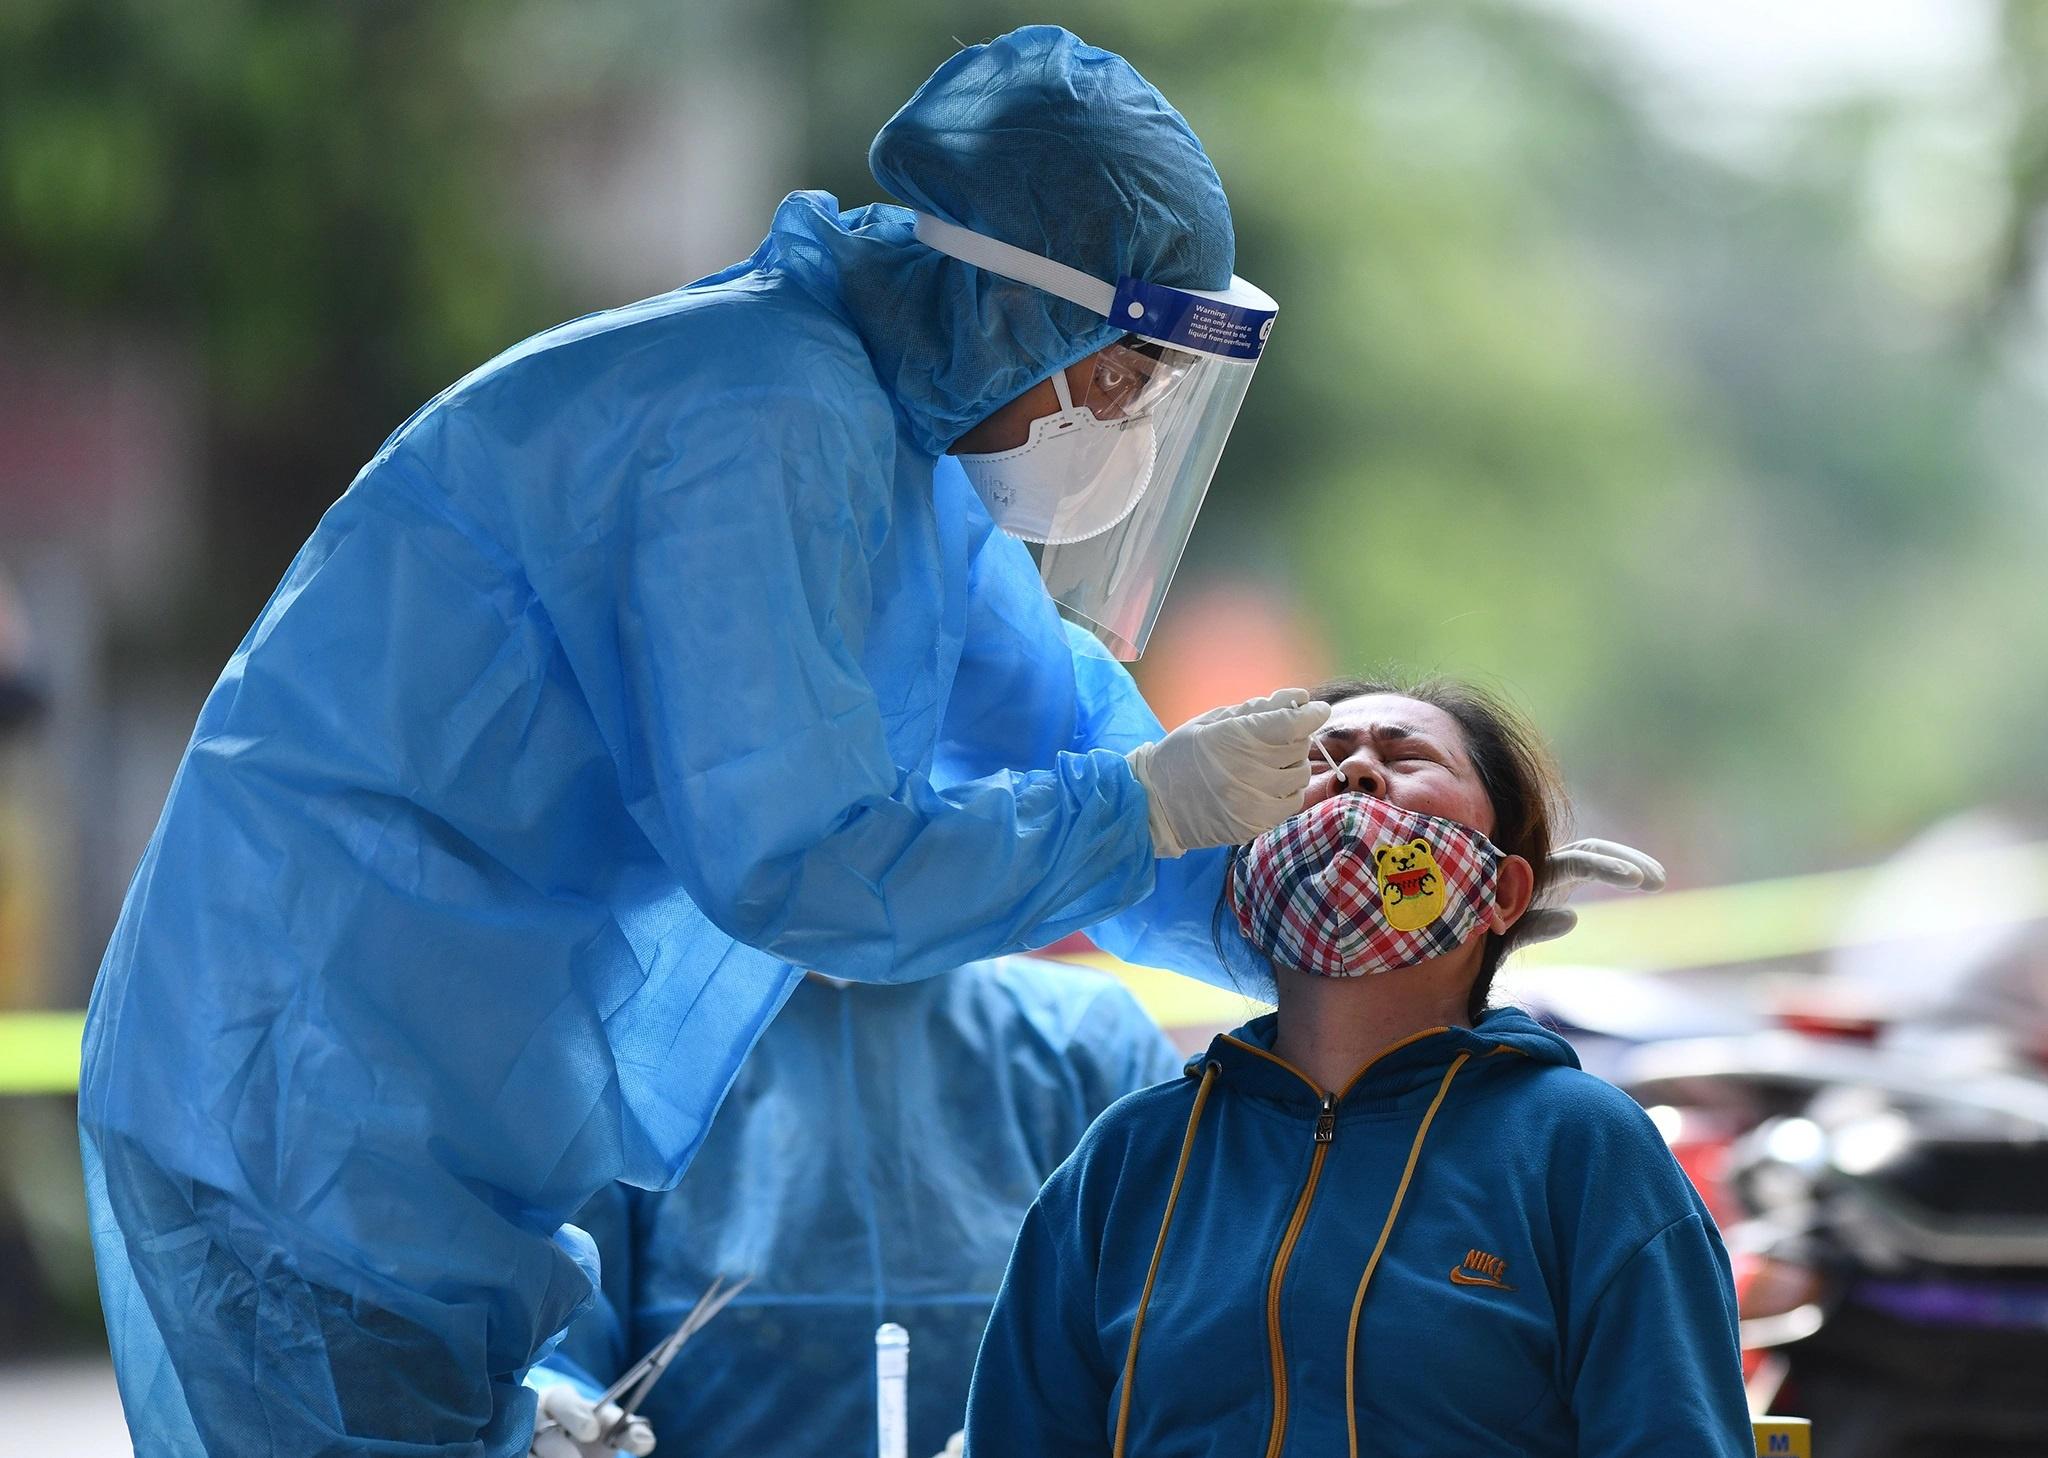 Lực lượng chức năng lấy mẫu xét nghiệm SARS-CoV-2 cho người dân hẻm 77, quận Bình Tân (TP.HCM) vì liên quan ca mắc Covid-19. Ảnh: Phạm Ngôn.